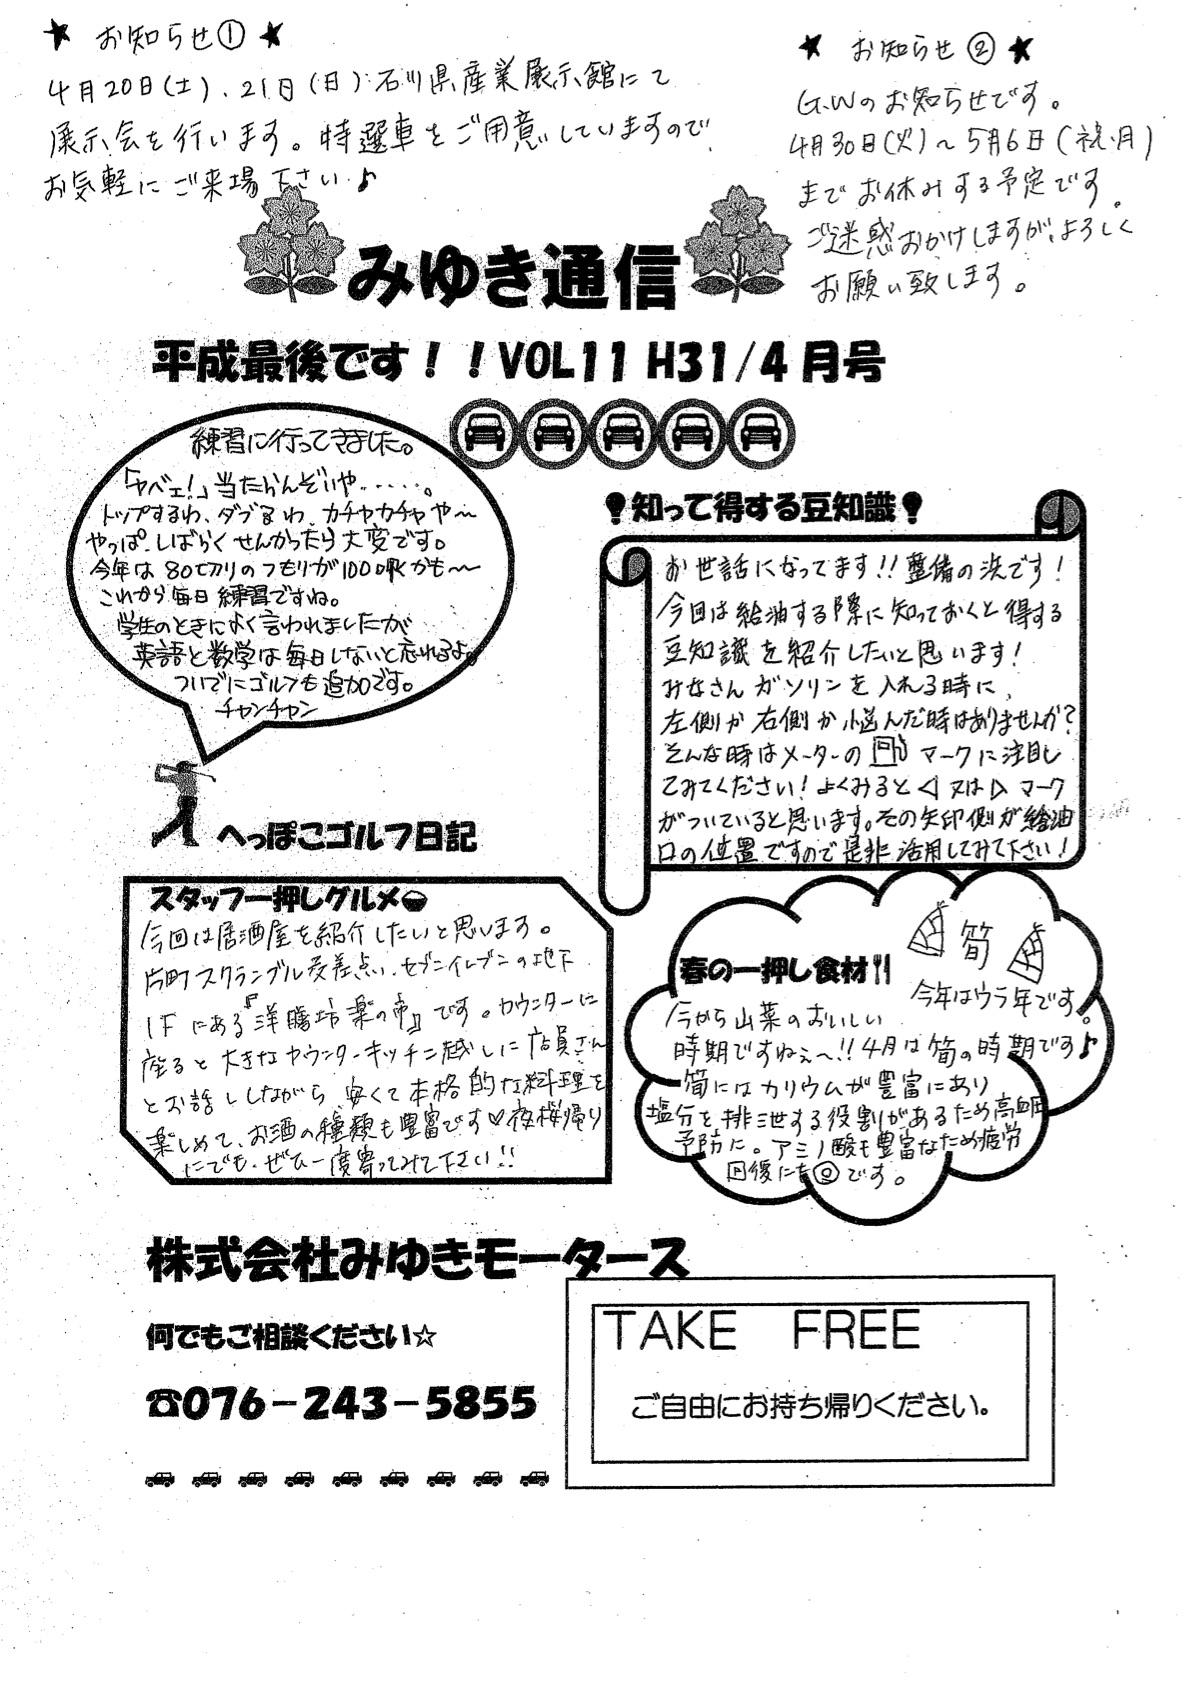 みゆき通信vol.11 4月号